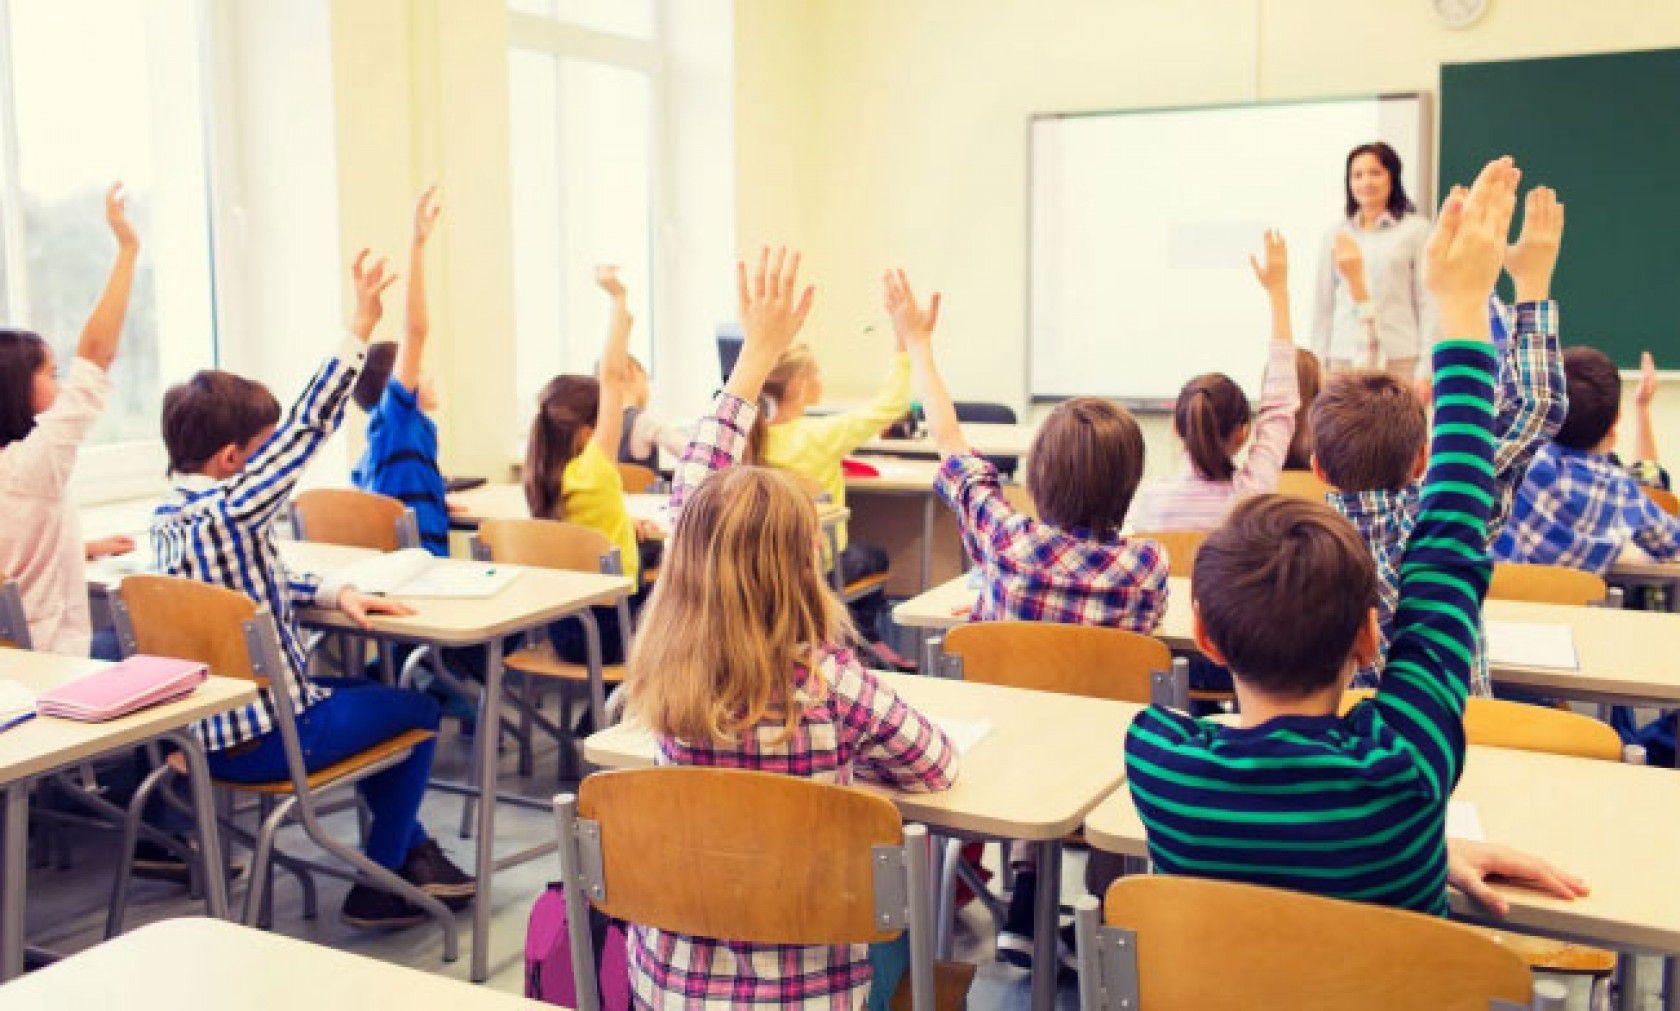 İtalya Ortaokul Eğitimi Başvuru Sınavları